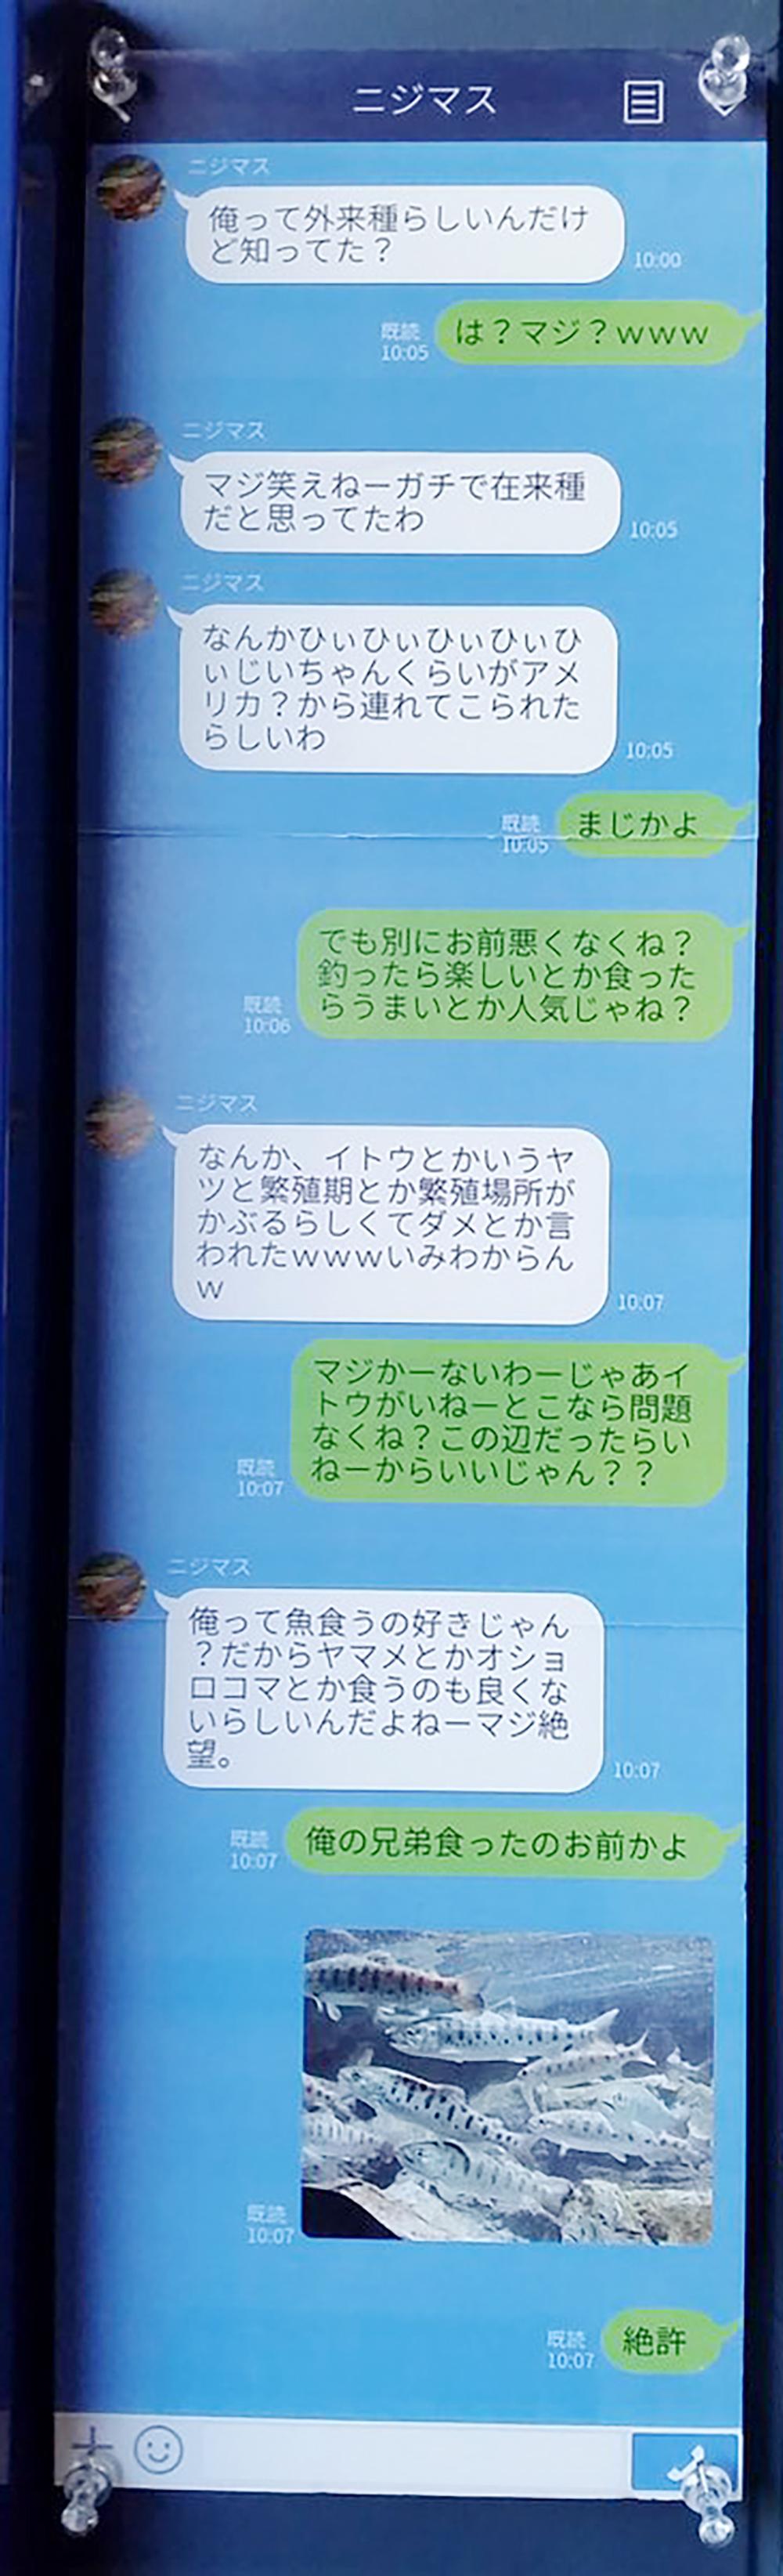 ポケモンGOのパロディまで!解説板が面白すぎる水族館に日本中が興味津々